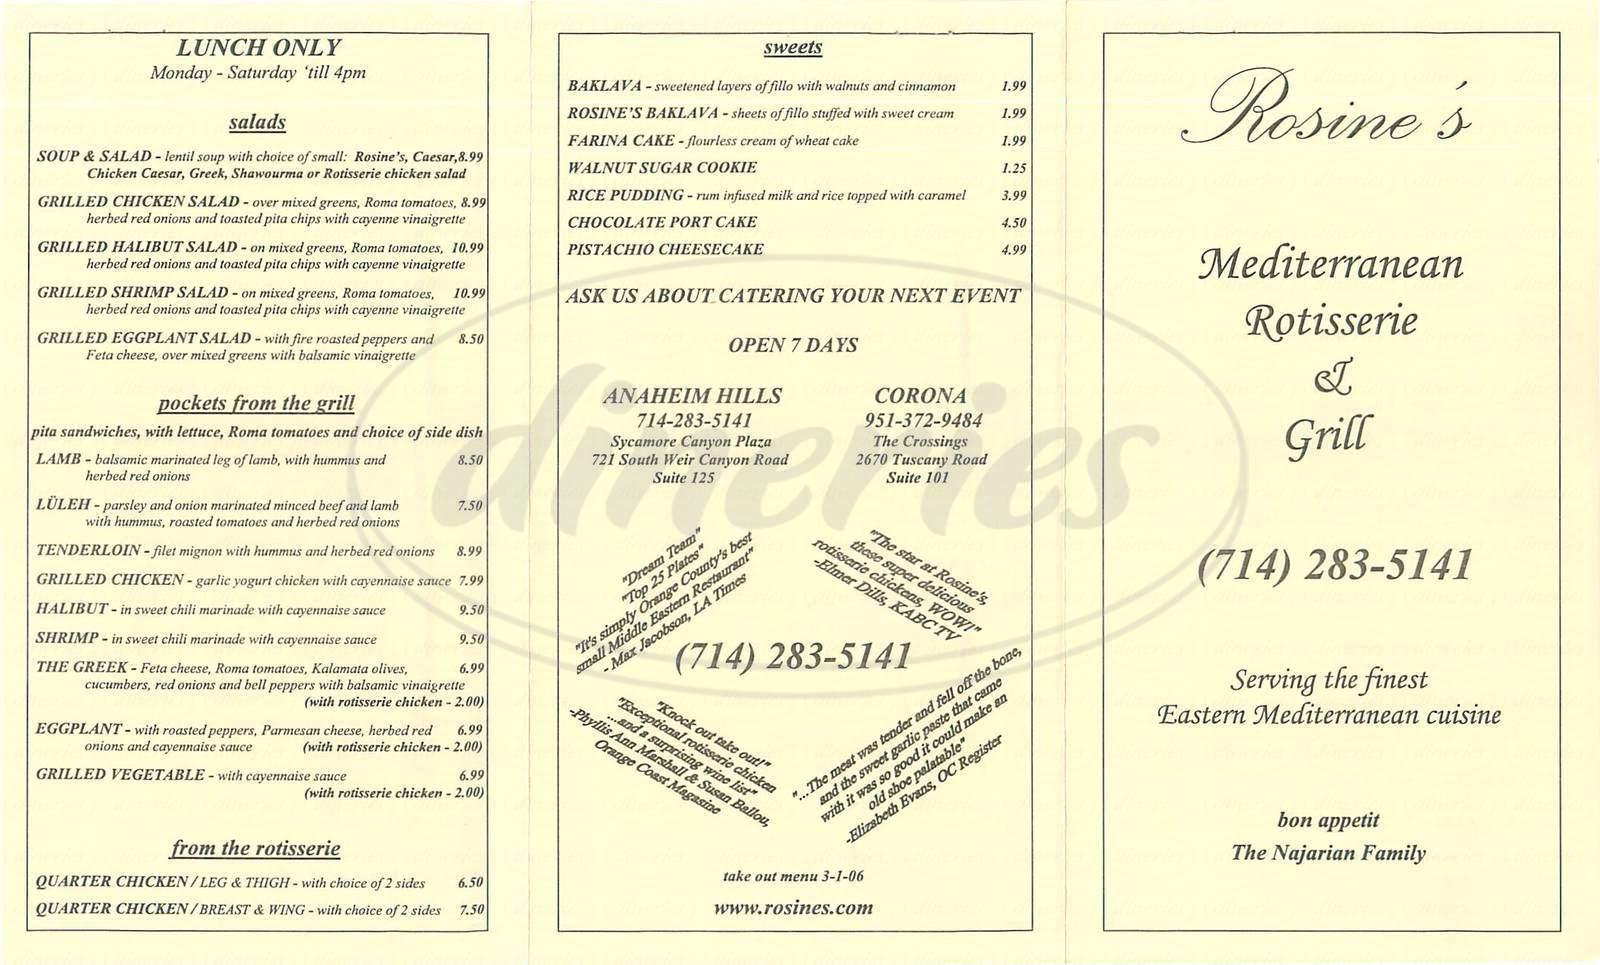 Big menu for Rosine's Mediterranean Rotisserie & Grill, Anaheim